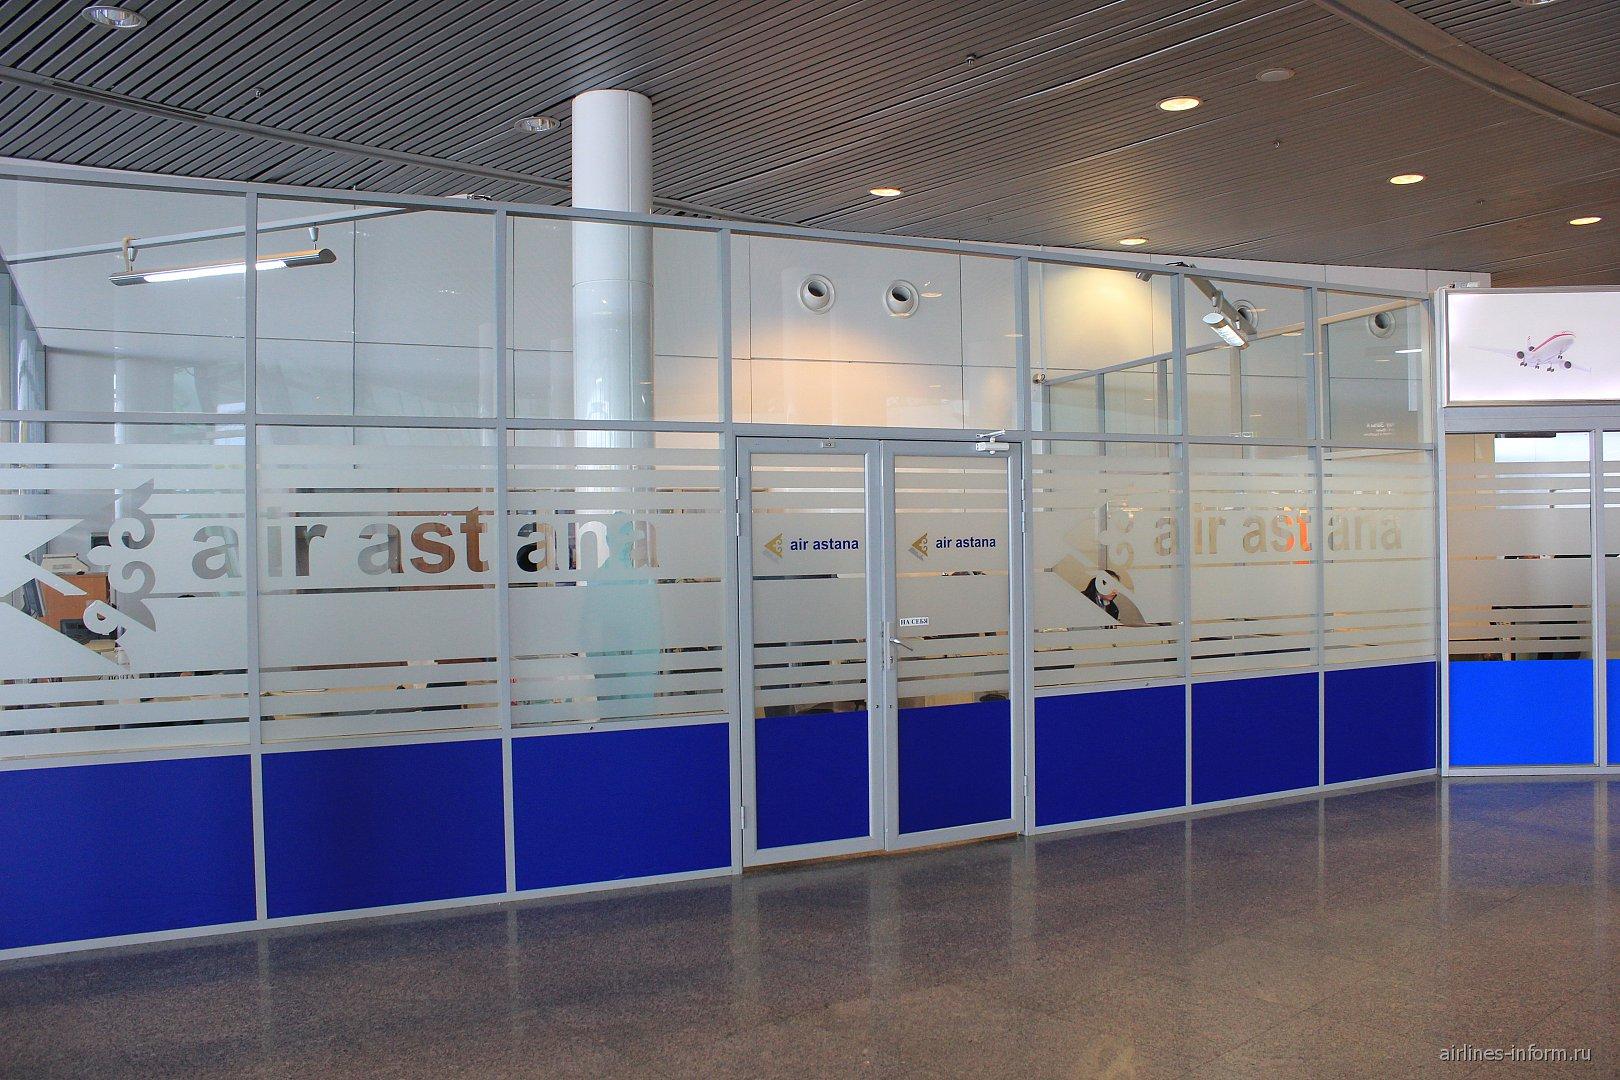 Офис авиакомпании Air Astana в аэропорту Астаны